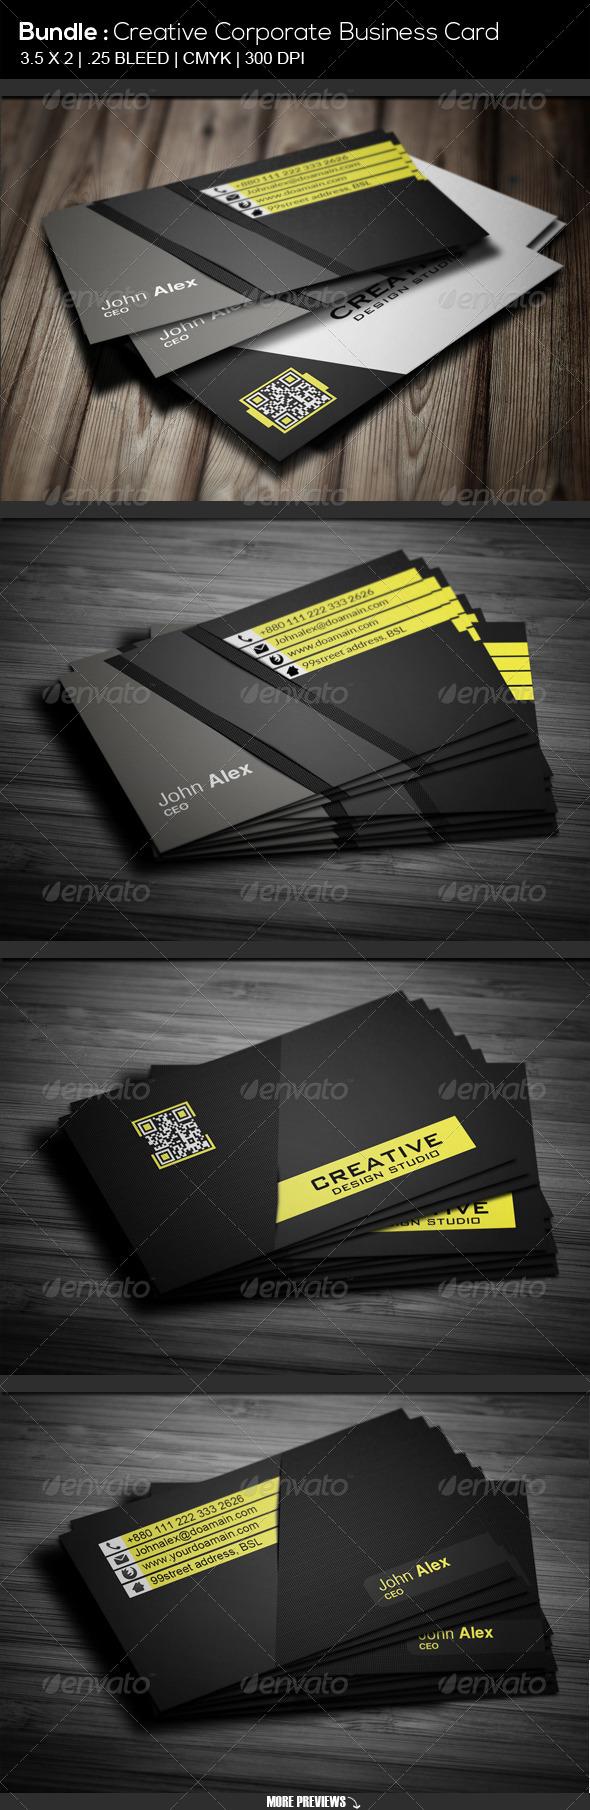 دانلود طرح لایه باز کارت ویزیت 6603986